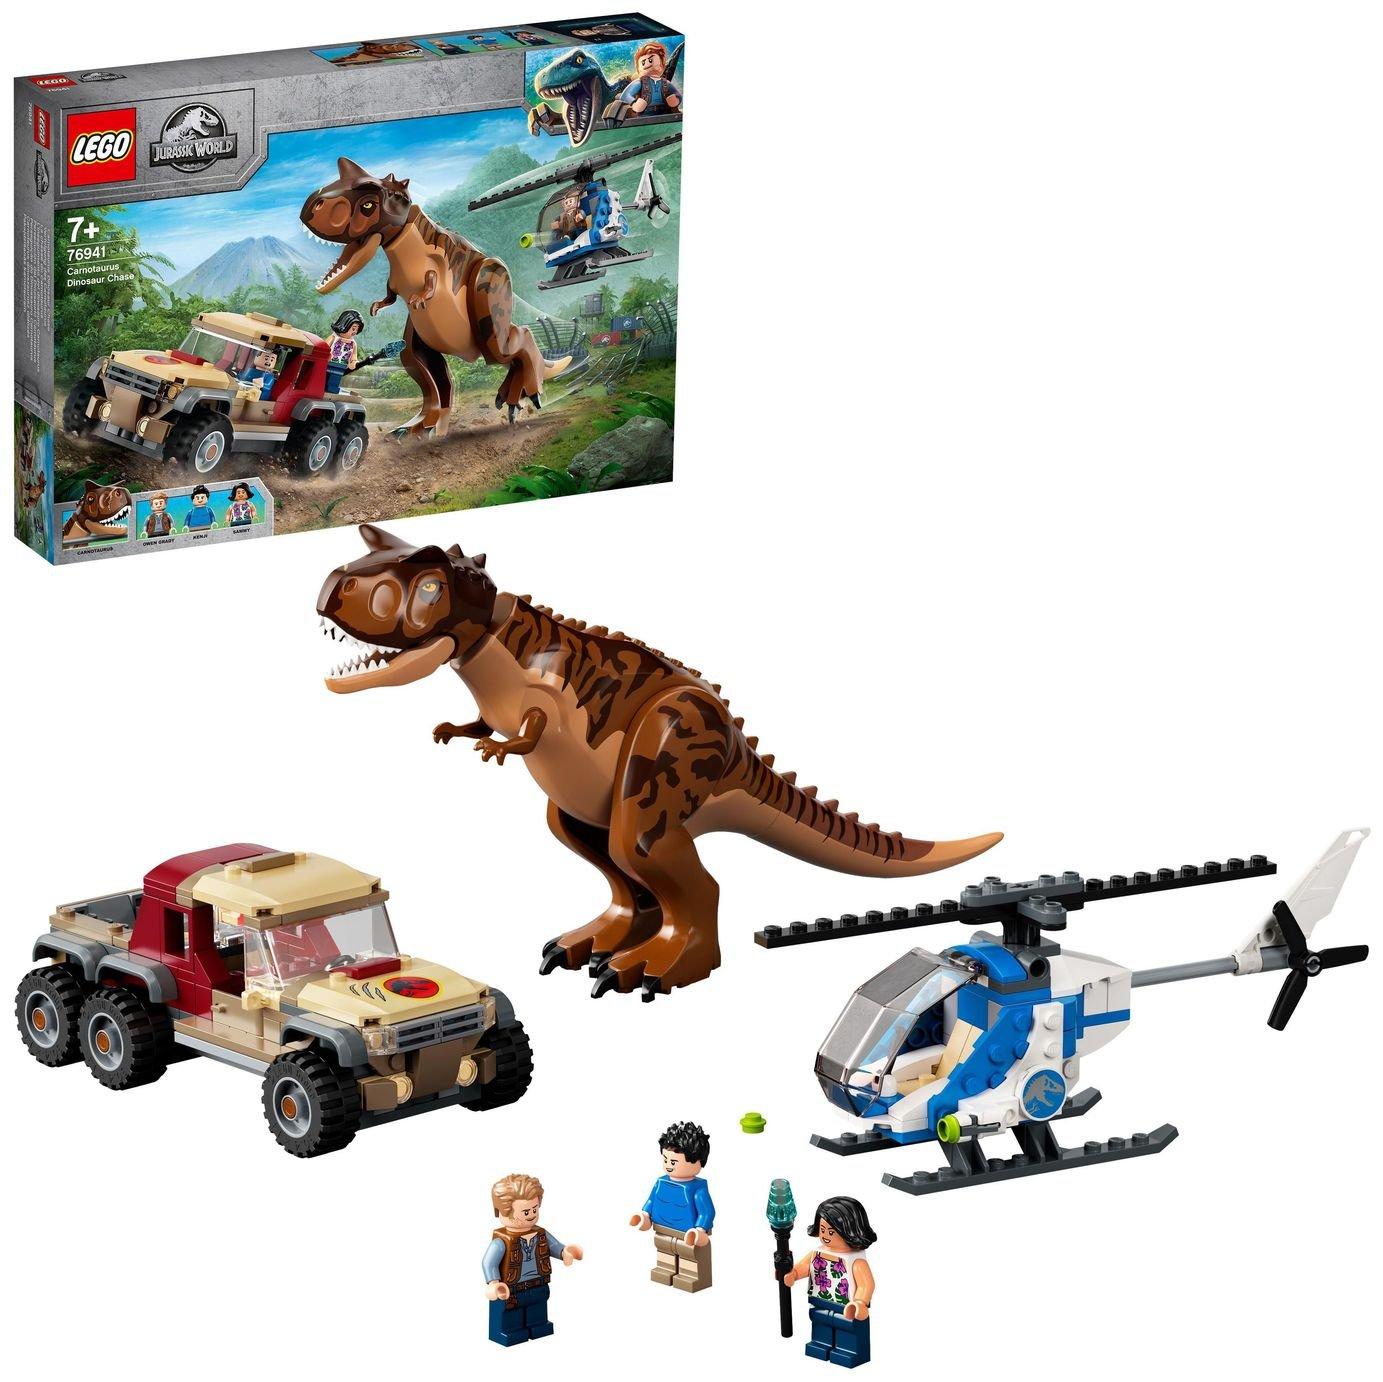 LEGO Jurassic World Carnotaurus Dinosaur Chase Toy 76941